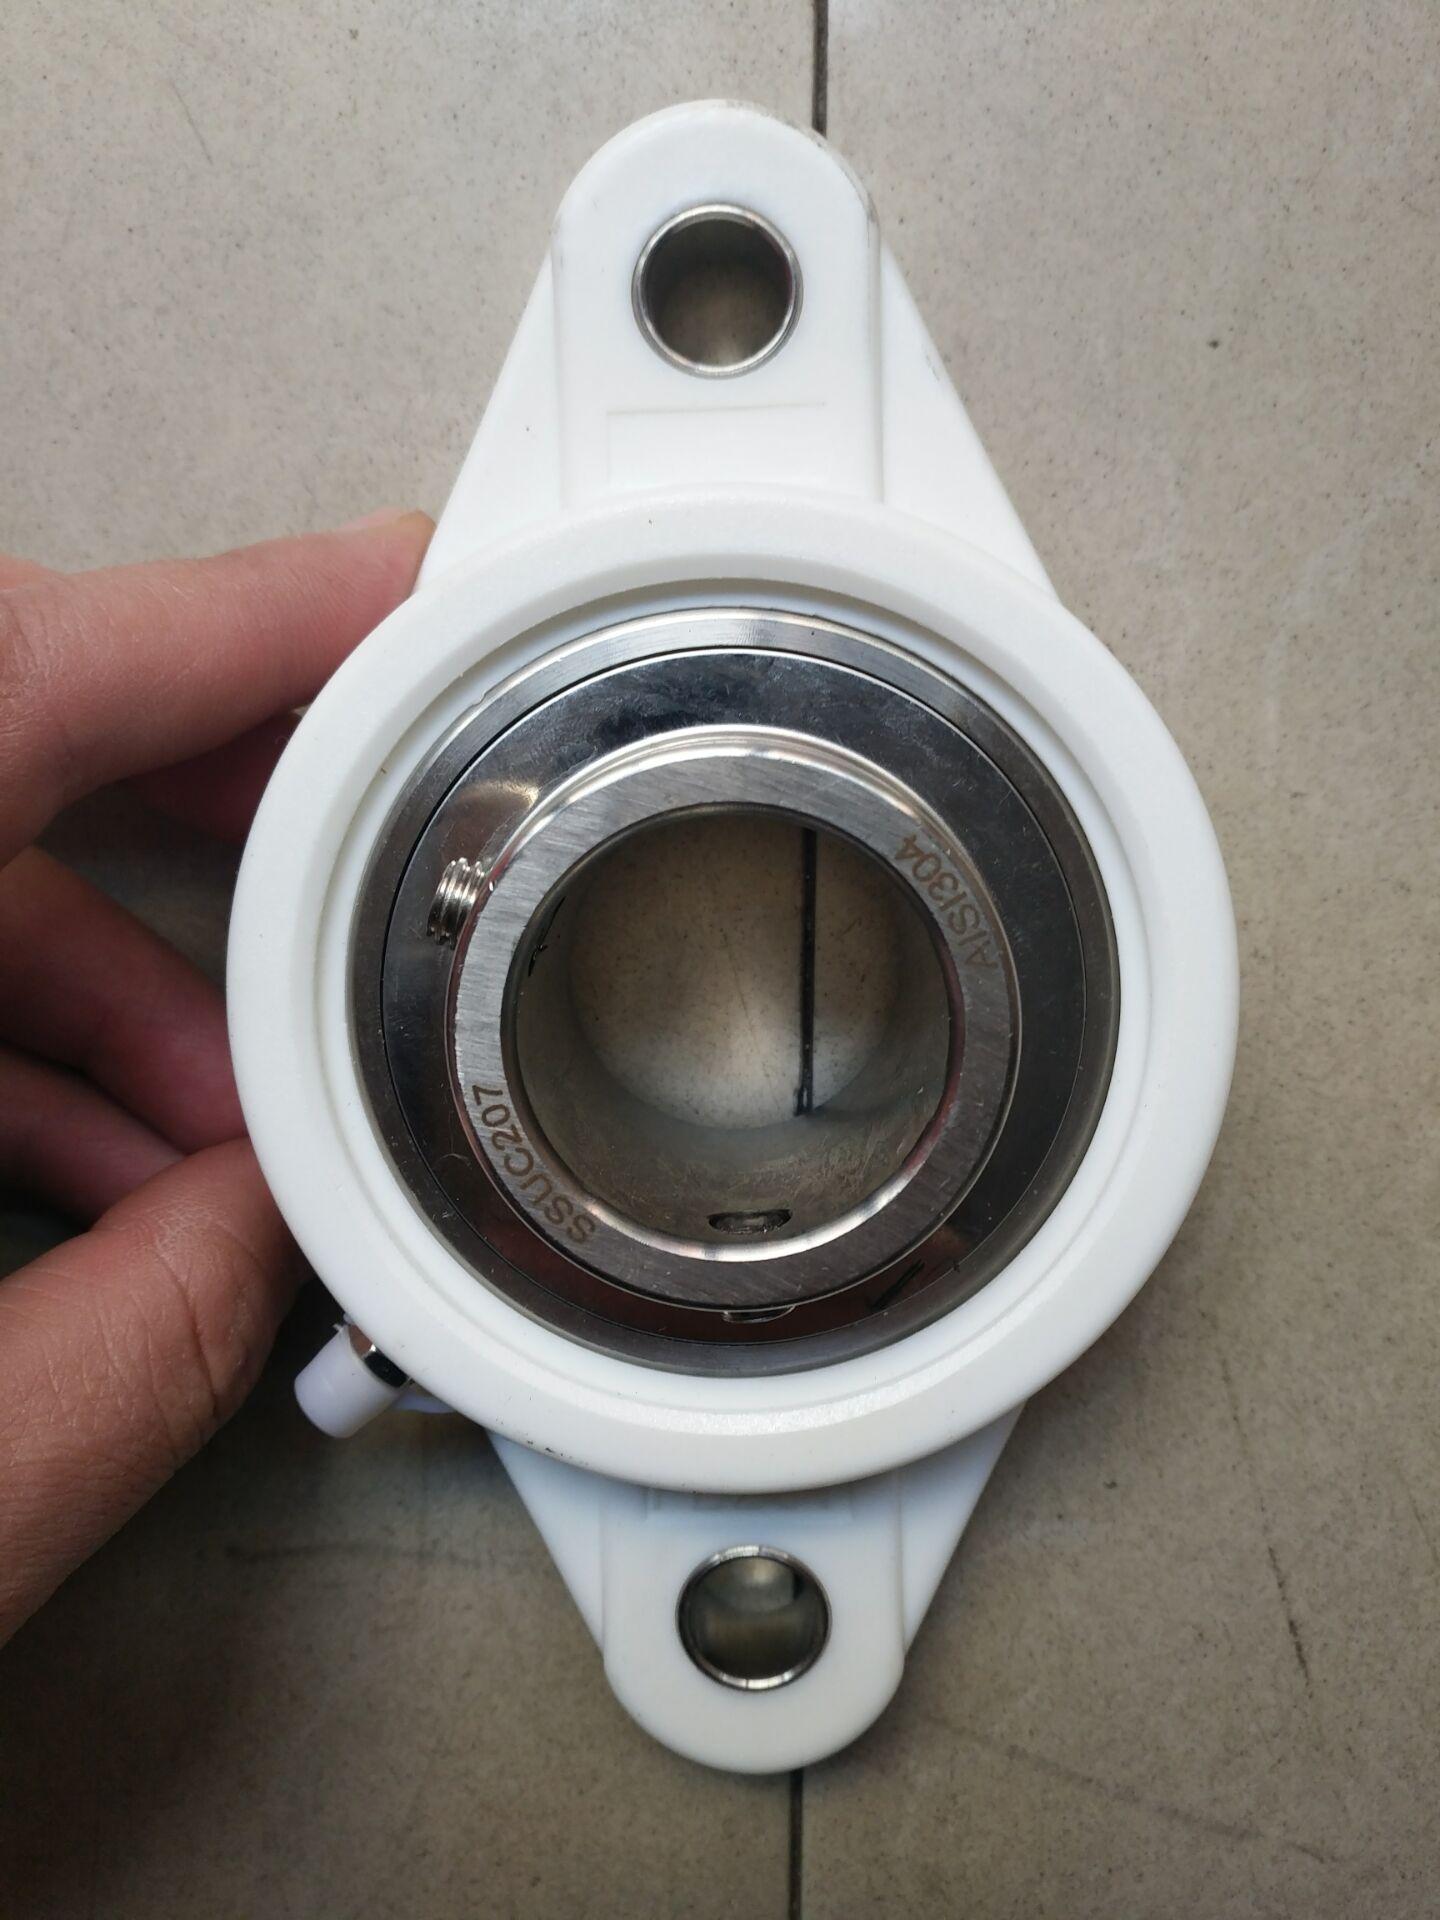 陶瓷轴承 塑料轴承 陶瓷球外球面轴承 防腐蚀陶瓷轴承 耐酸不生锈陶瓷轴承